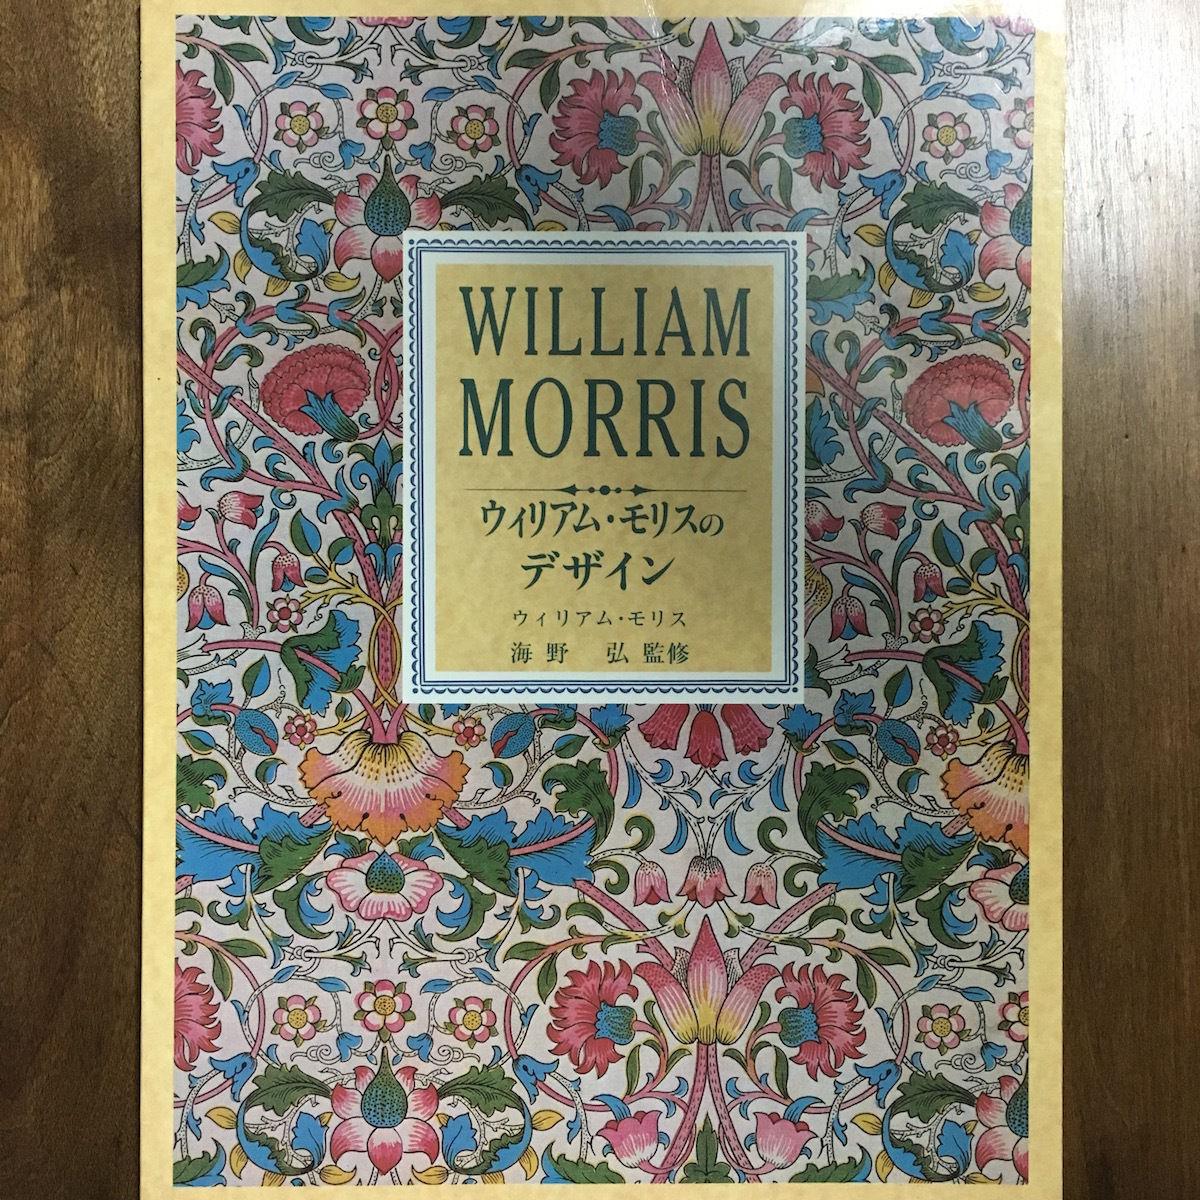 「ウィリアム・モリスのデザイン」ウィリアム・モリス 海野弘 監修